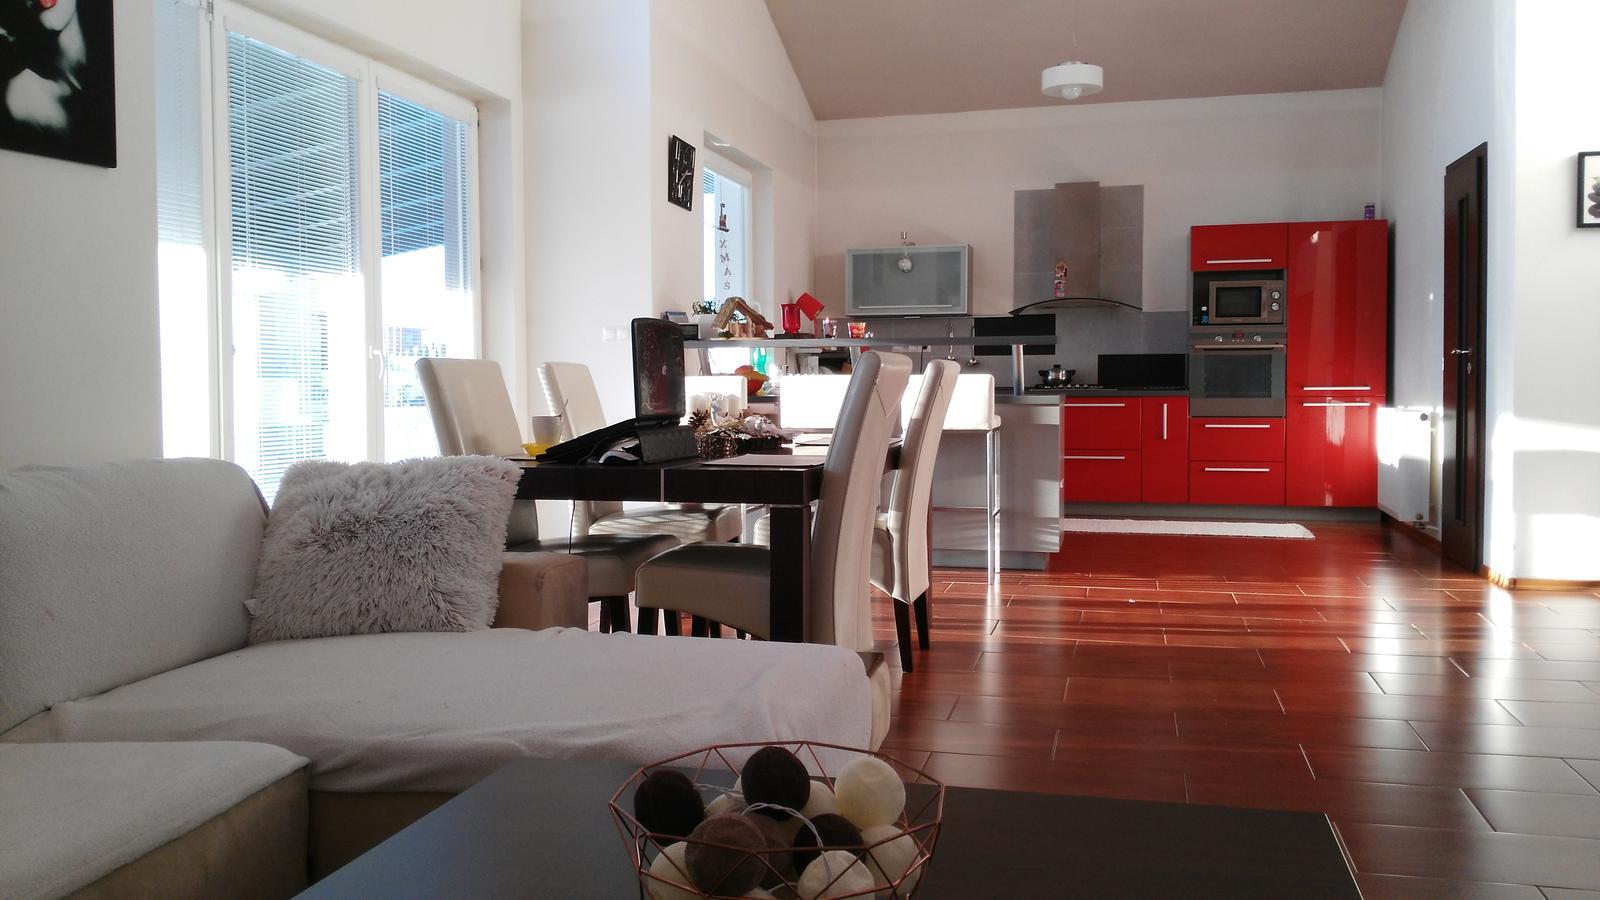 Domov sladký domov..... - Obrázok č. 20